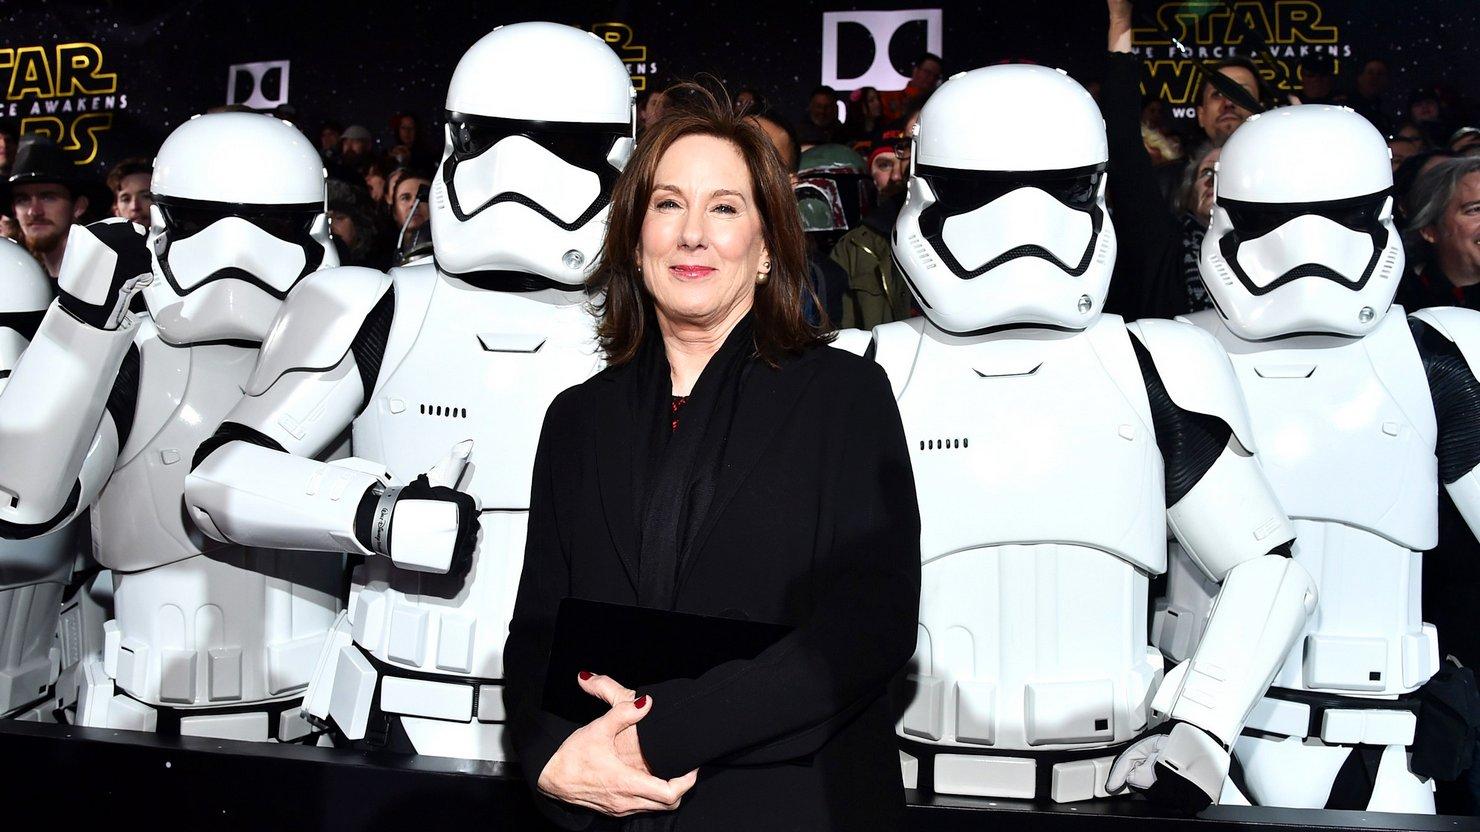 """Глава Lucasfilm рассказала о 10-летнем плане по """"Звёздным войнам"""""""